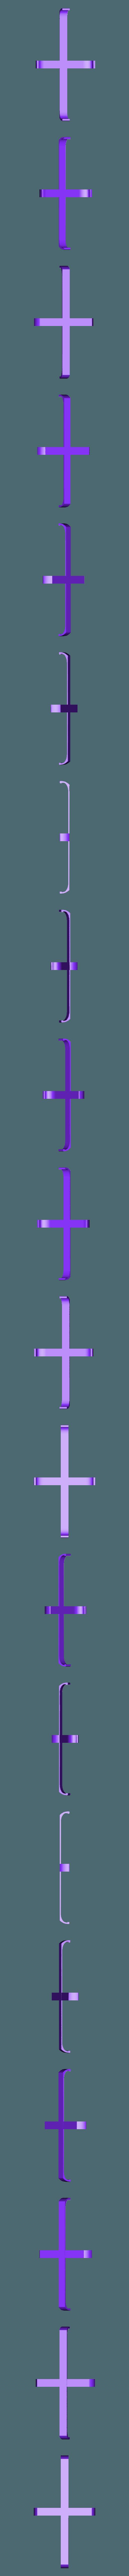 test_edges.stl Télécharger fichier SCAD gratuit Étuis pour iPod 4 Touch • Plan imprimable en 3D, Wachet